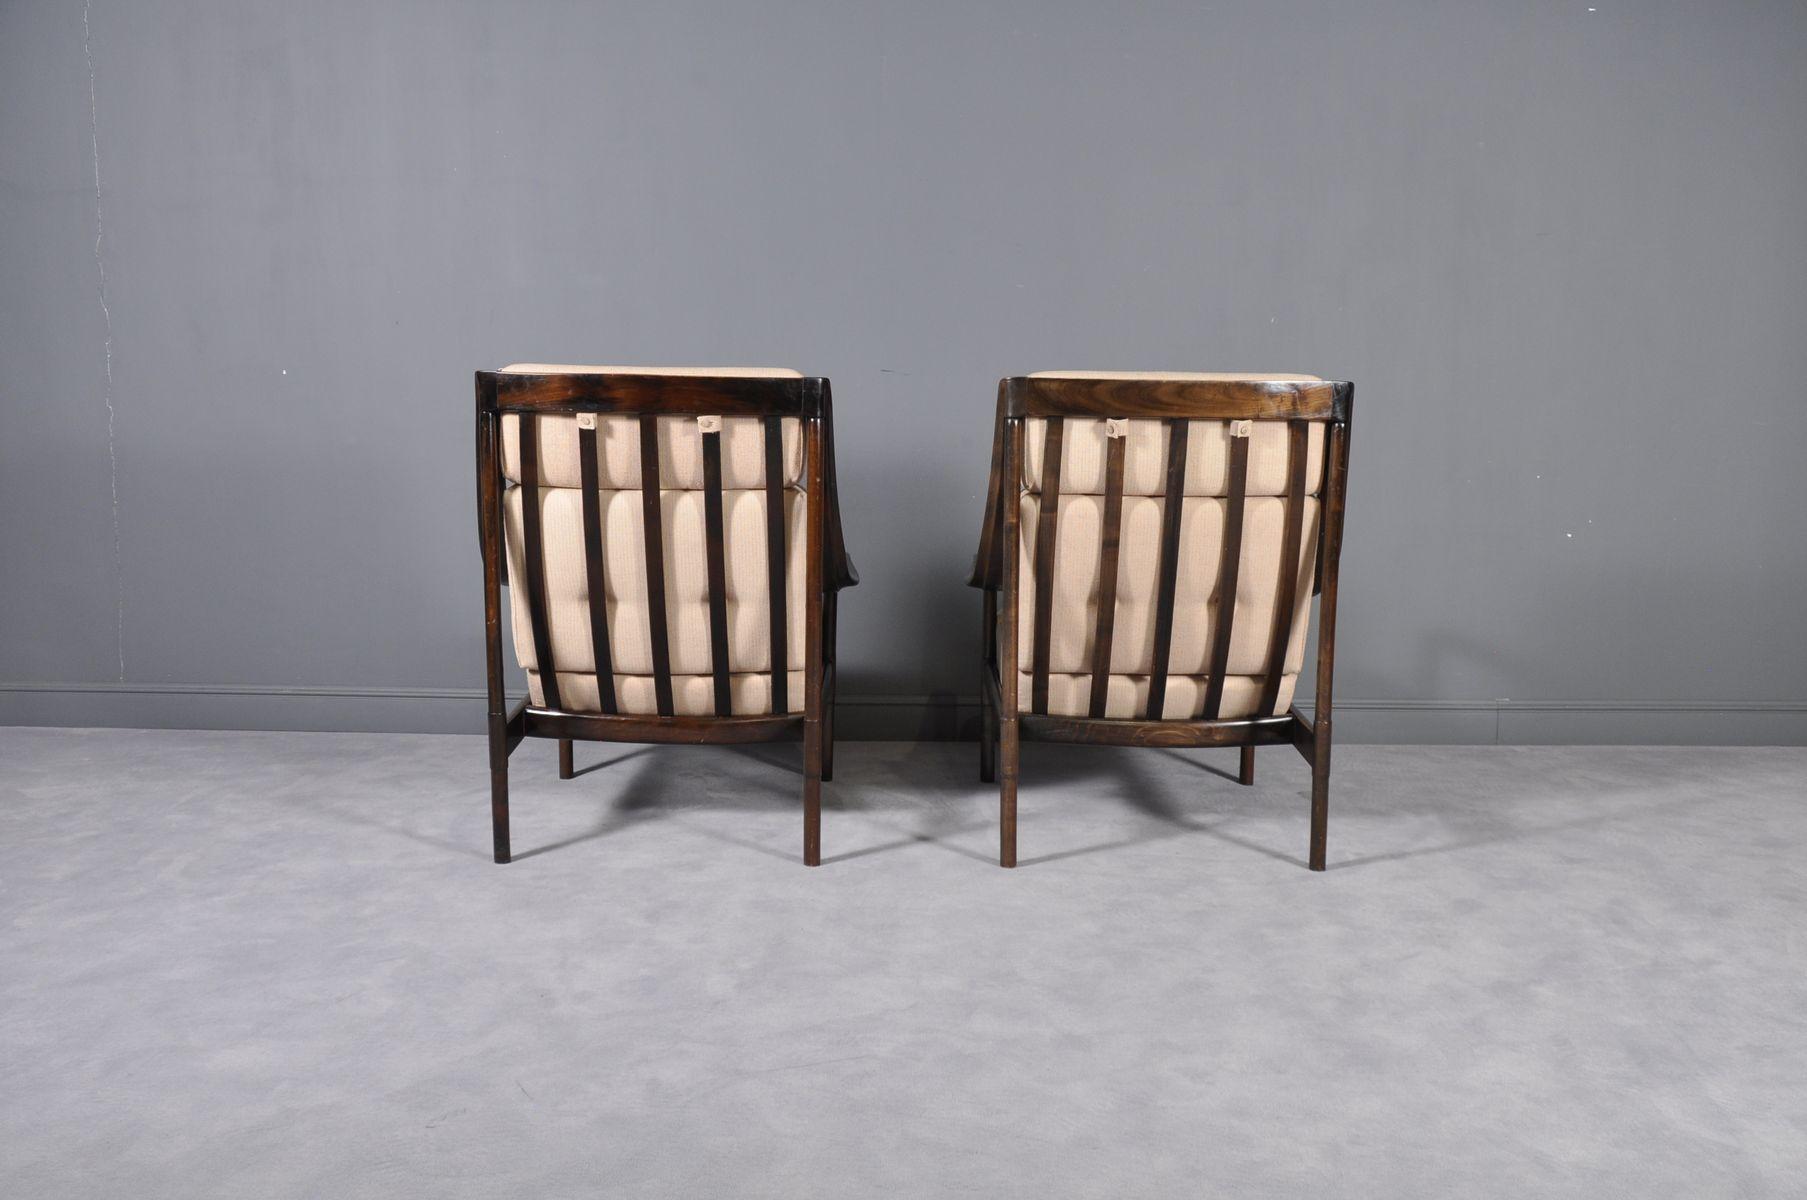 sessel mit gestell aus mahagoni hoher r ckenlehne von. Black Bedroom Furniture Sets. Home Design Ideas